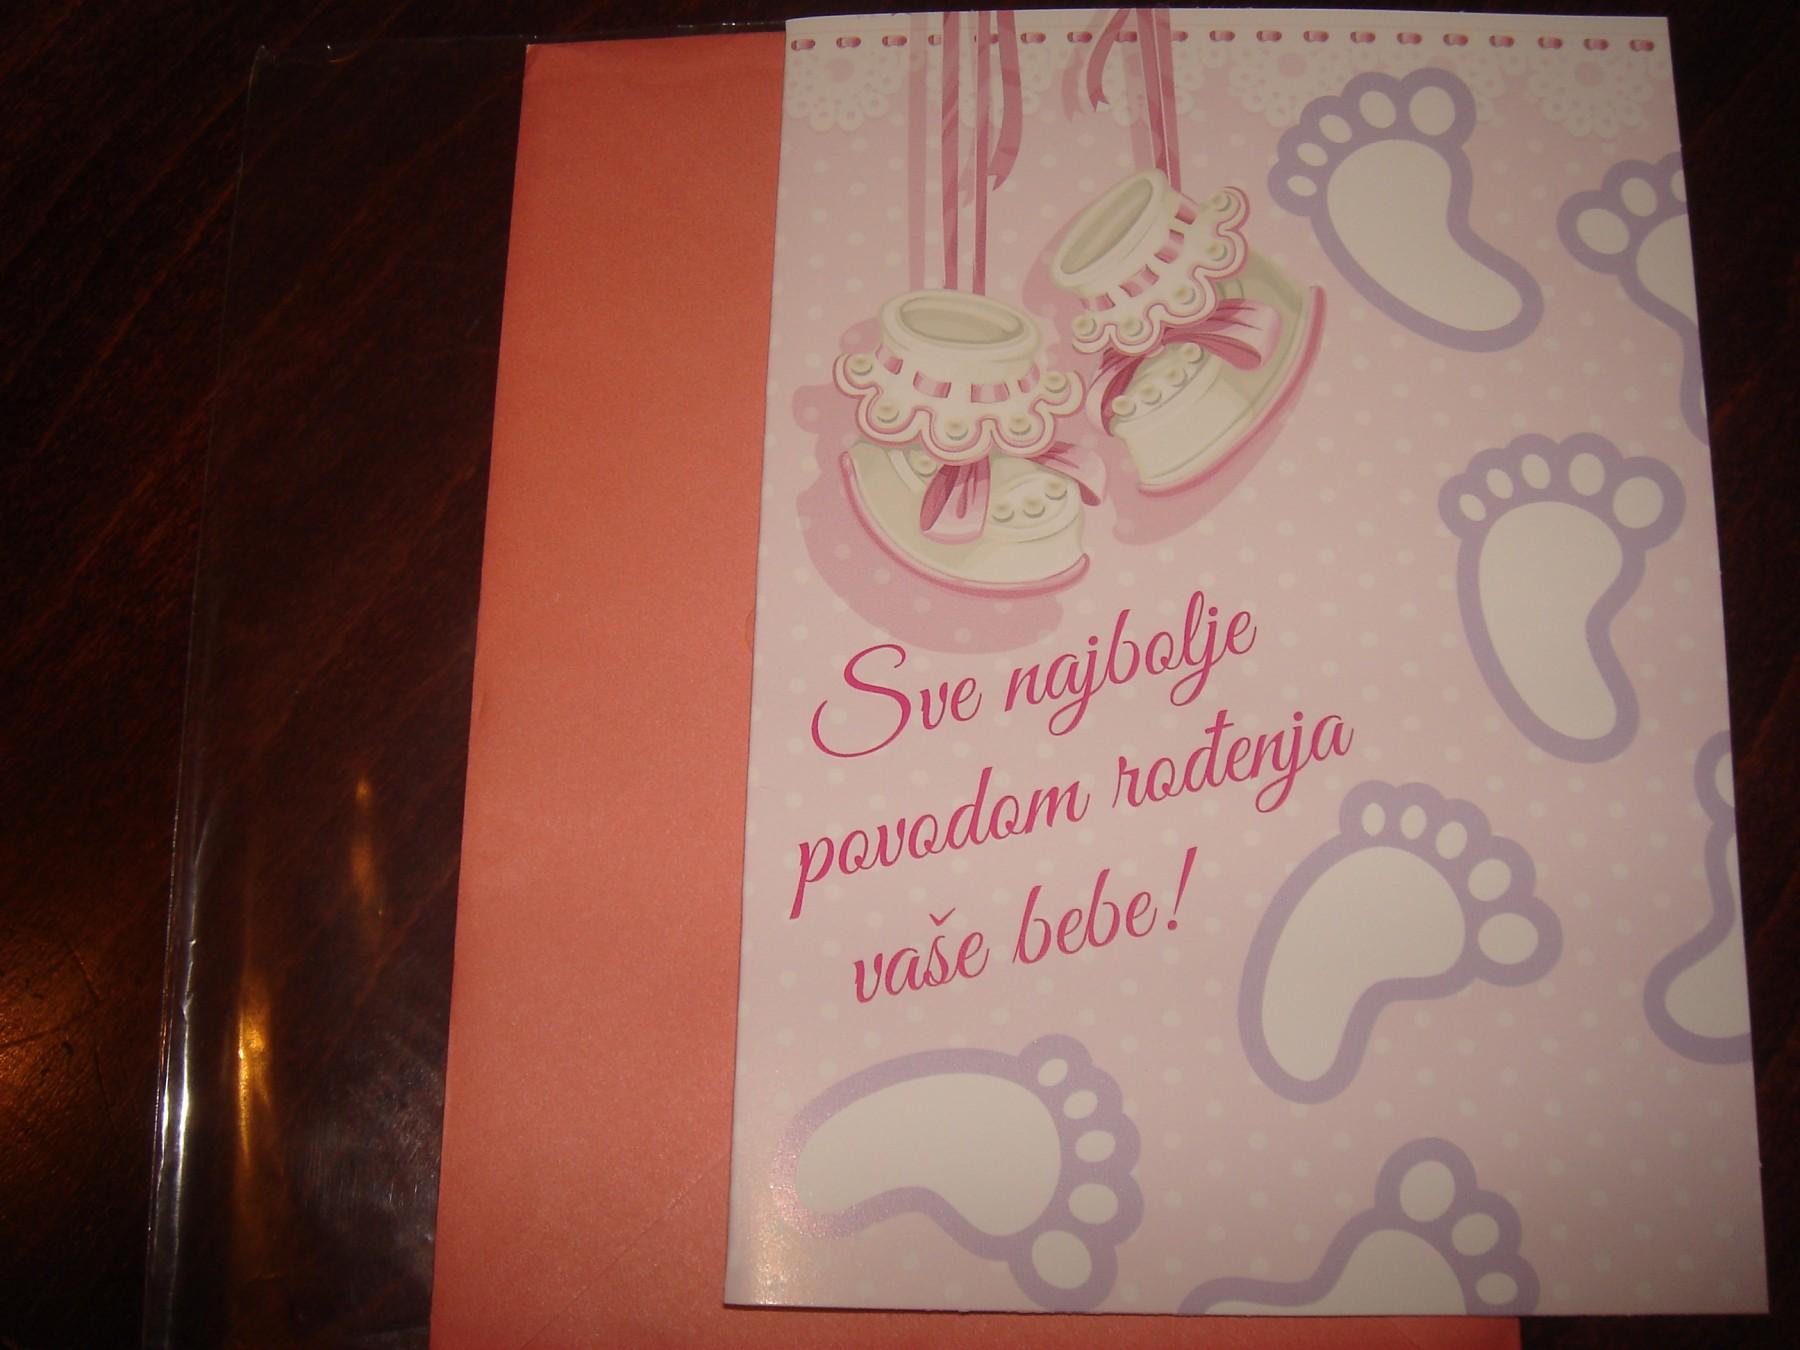 čestitke za rođenje djeteta slike Cestitka za rodjenje bebe 17x12cm   Kupindo.(30087349) čestitke za rođenje djeteta slike